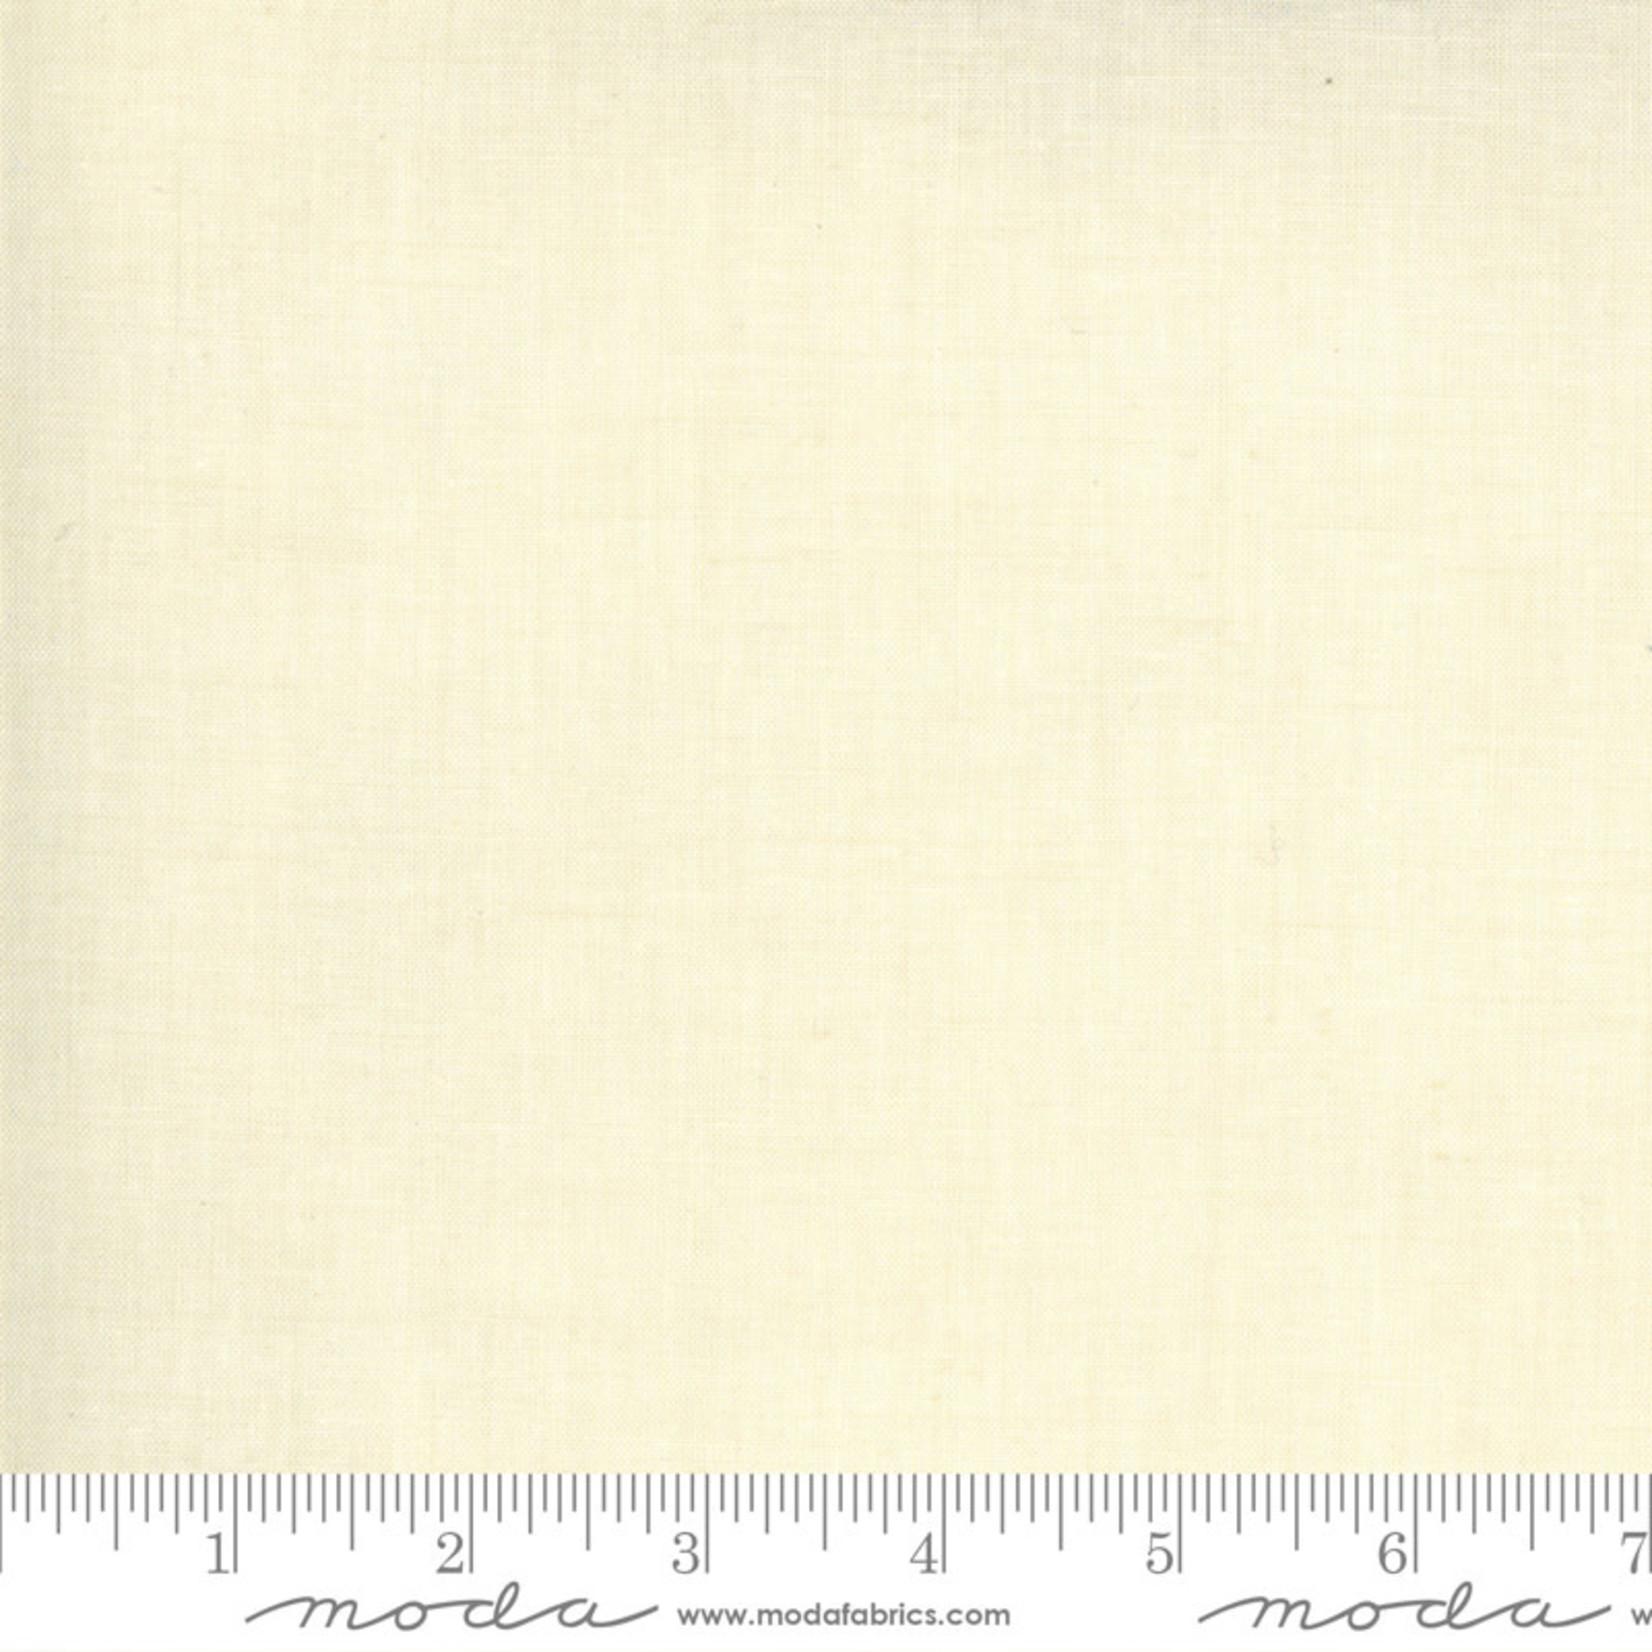 French General Jardins De Fleurs, Linen Texture, Pearl 13529-21 $0.20 per cm or $20/m